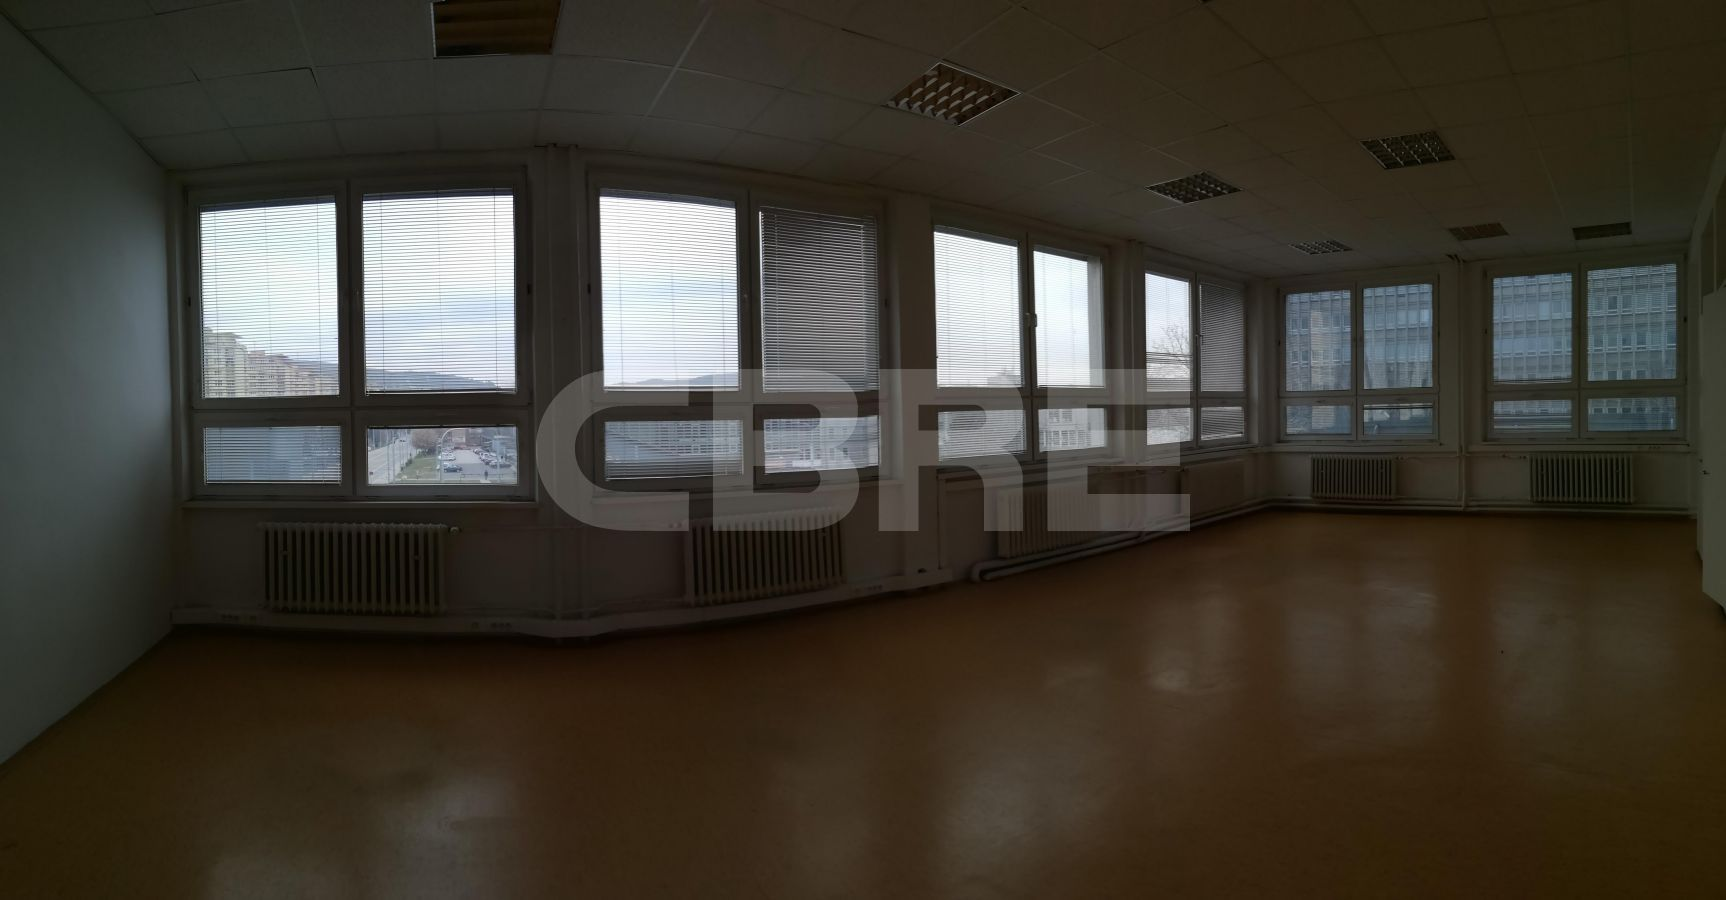 HPK Engineering, Košice, Košice - Staré Mesto | Offices for rent by CBRE | 1